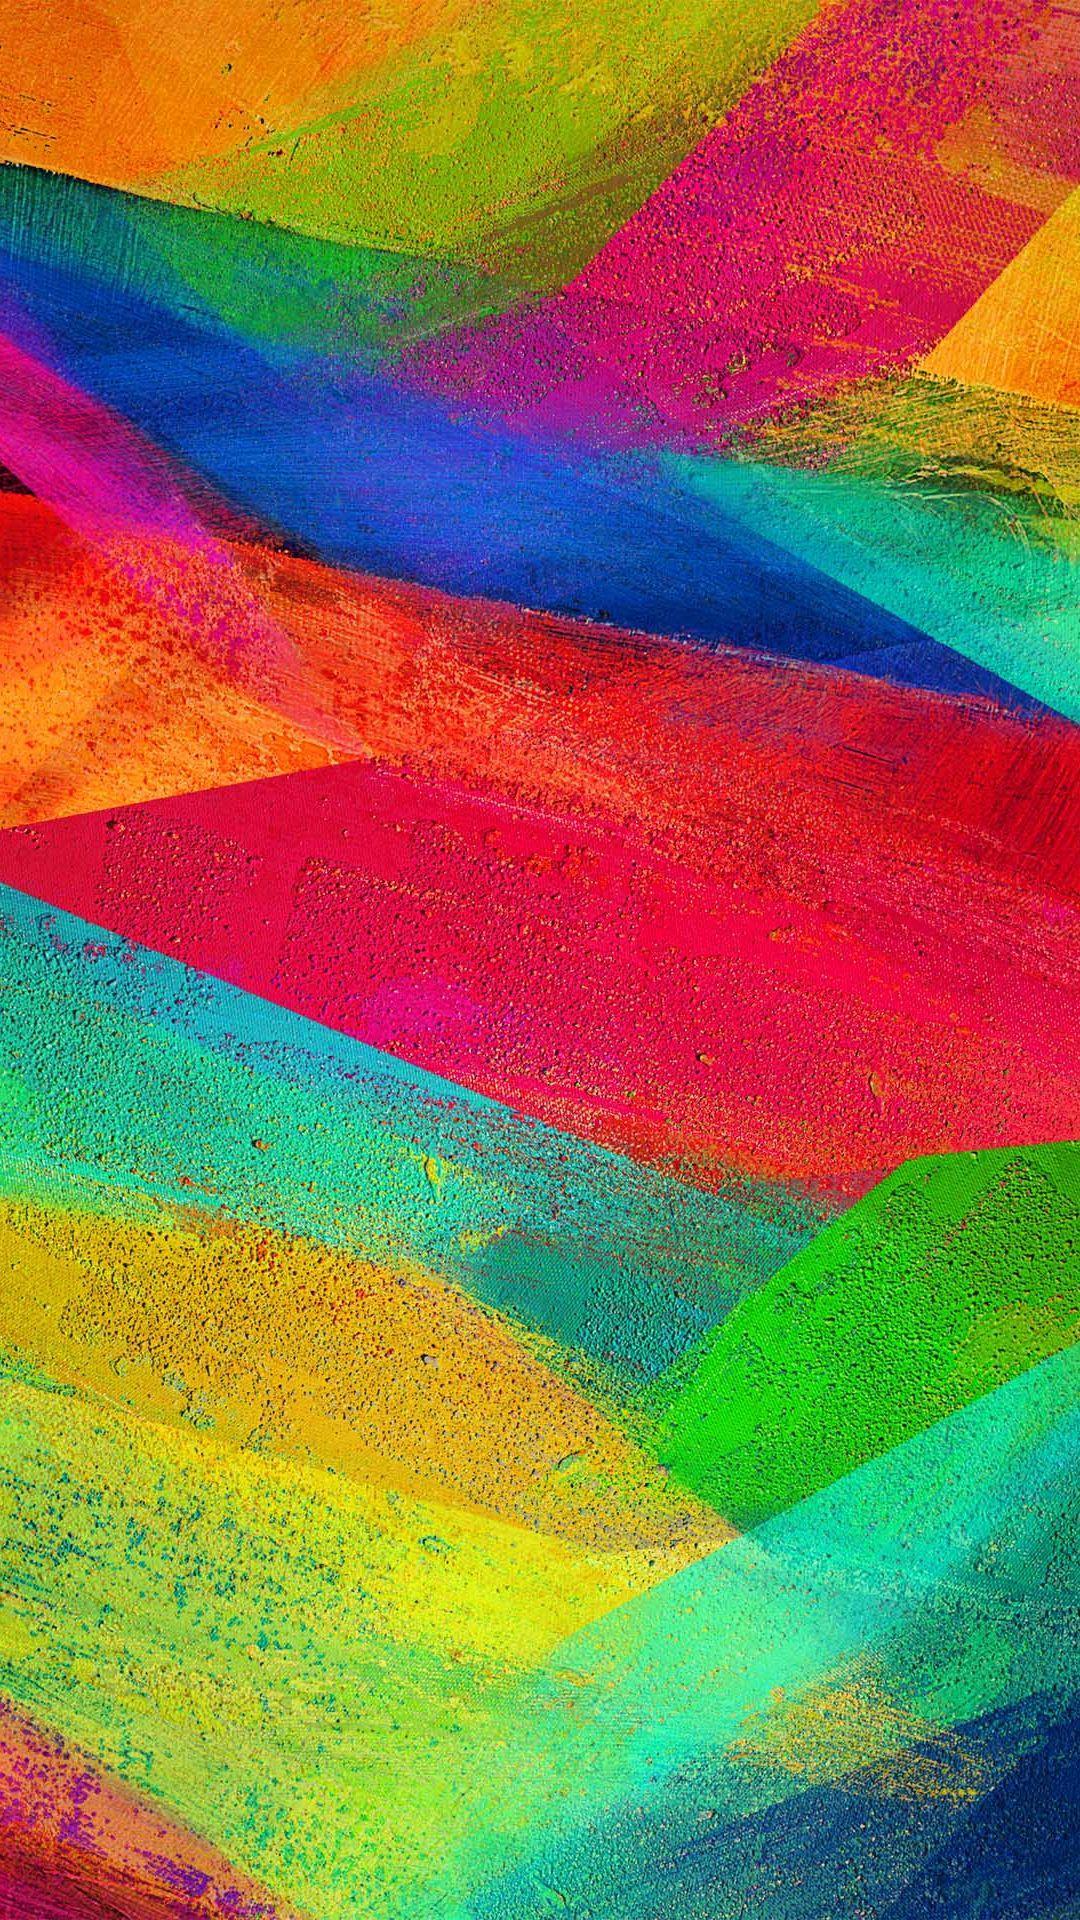 Hình nền hd 1080x1920 hình ảnh tác phẩm nghệ thuật máy tính bảng apple hình nền miễn phí